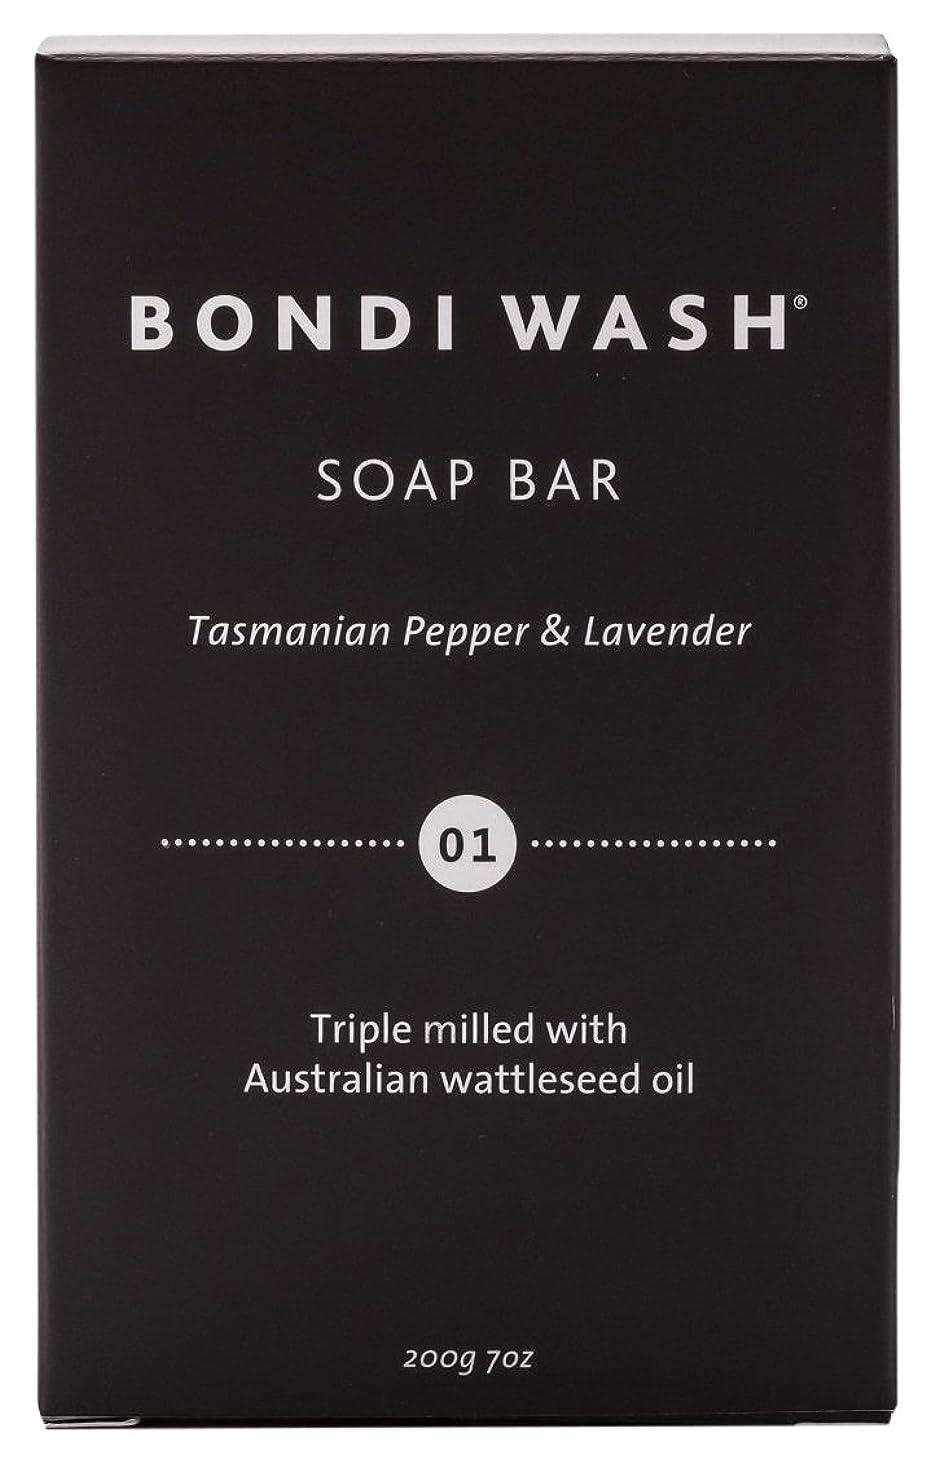 浮くペルセウス壮大なBONDI WASH ソープバー(固形石鹸) タスマニアンペッパー&ラベンダー 200g